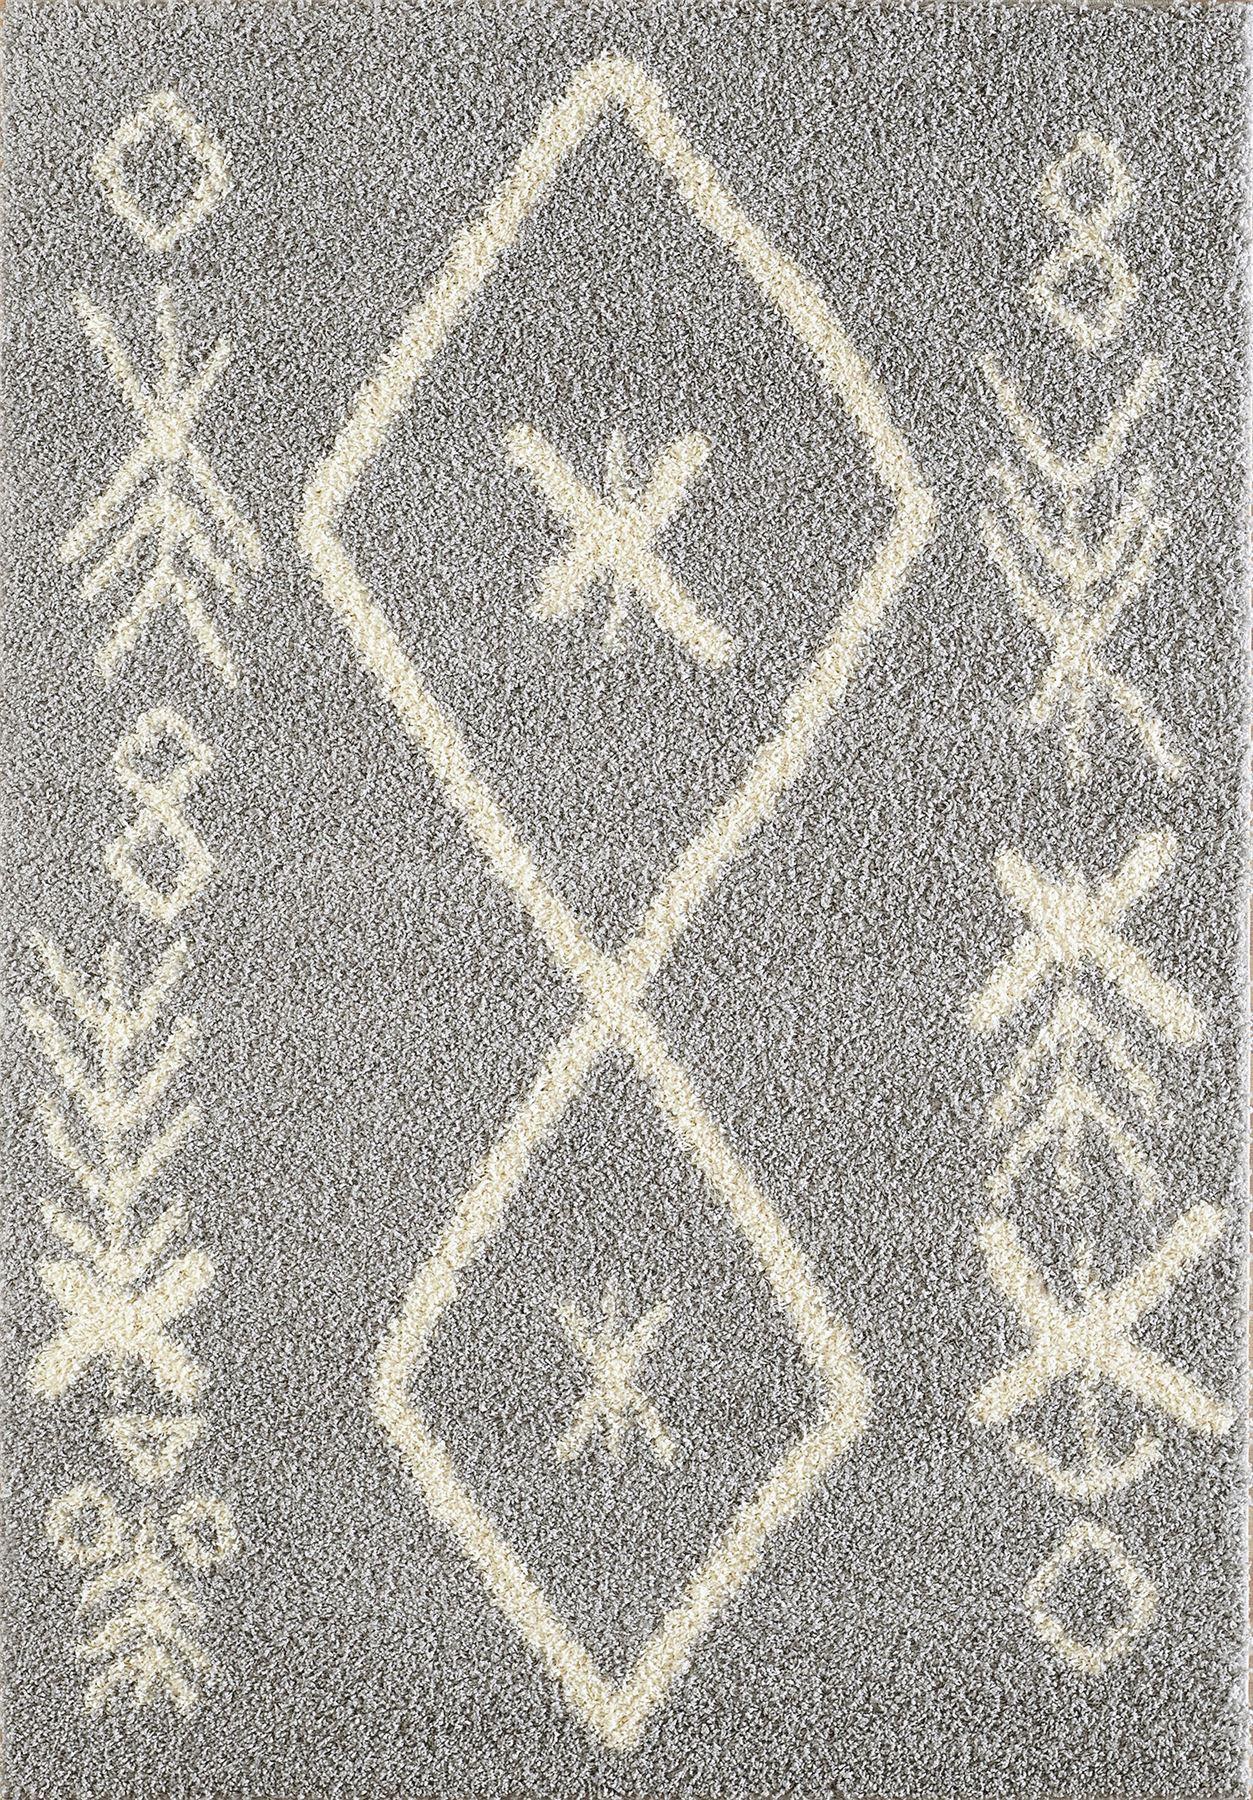 Tappeto-A2Z-Nero-Grigio-Avorio-tradizionale-marocchina-Shaggy-Berber-Boho-Tribal-3cm-Pile miniatura 42